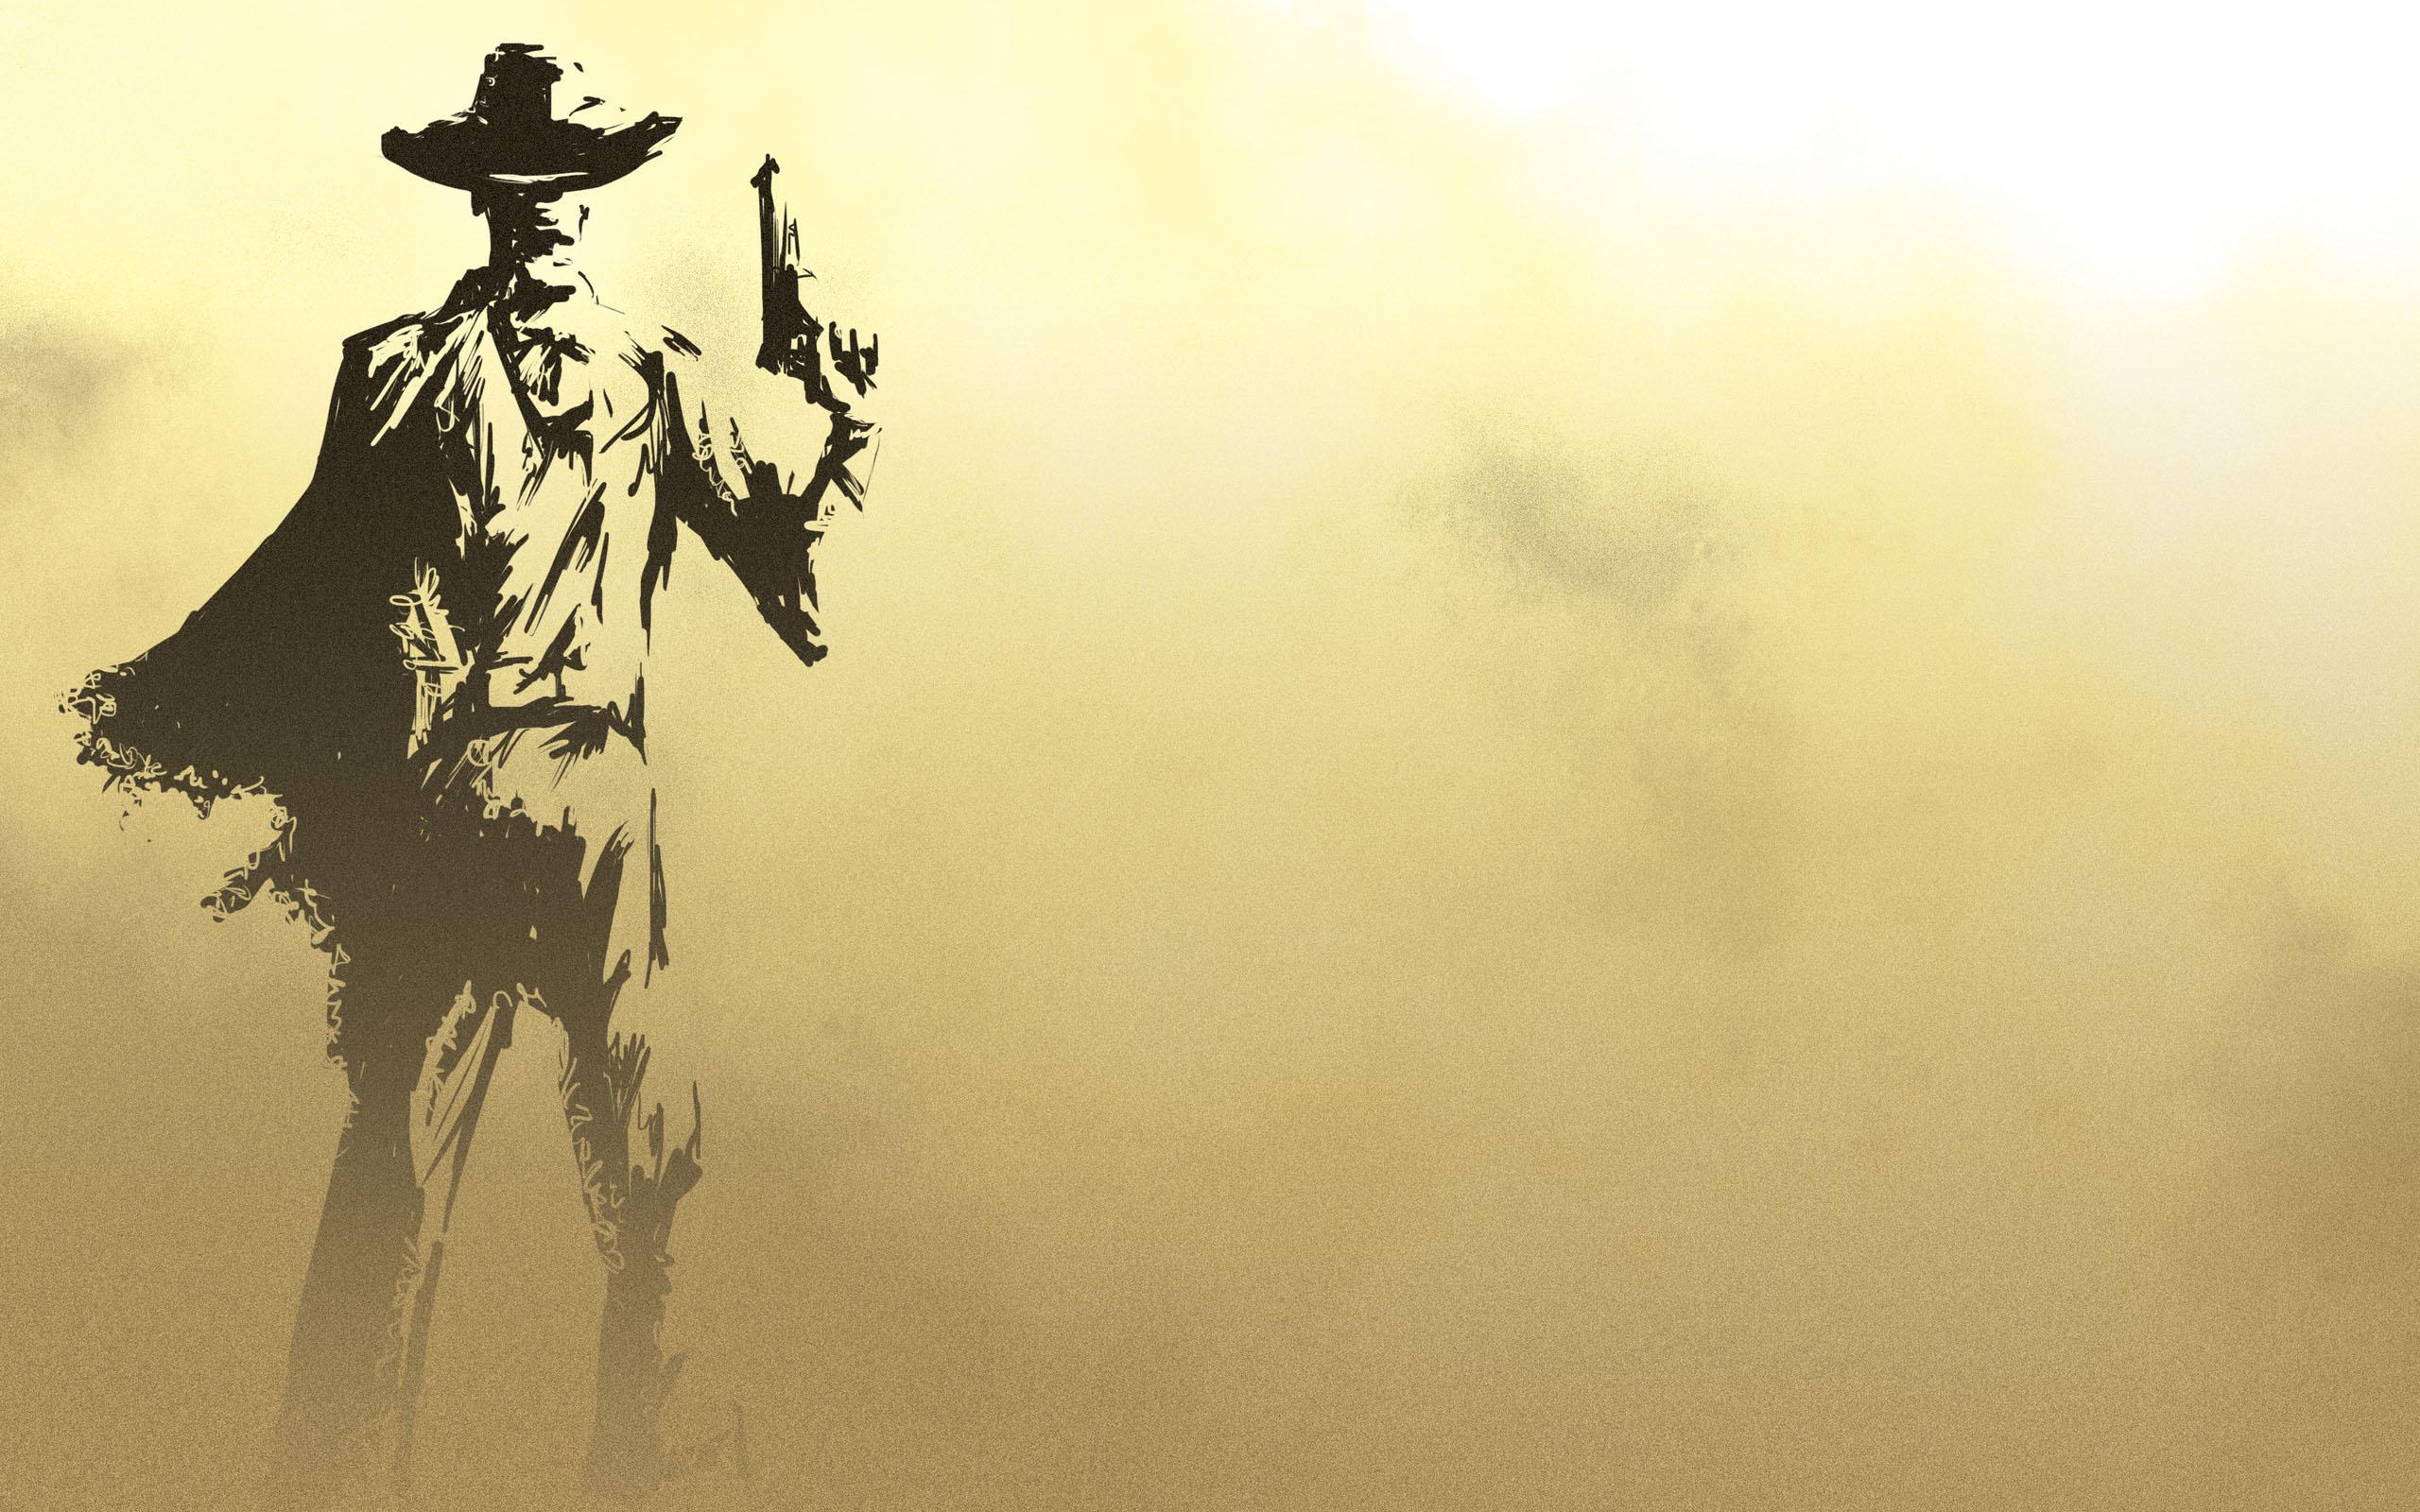 ... Cowboy Wallpaper · Cowboy Wallpaper